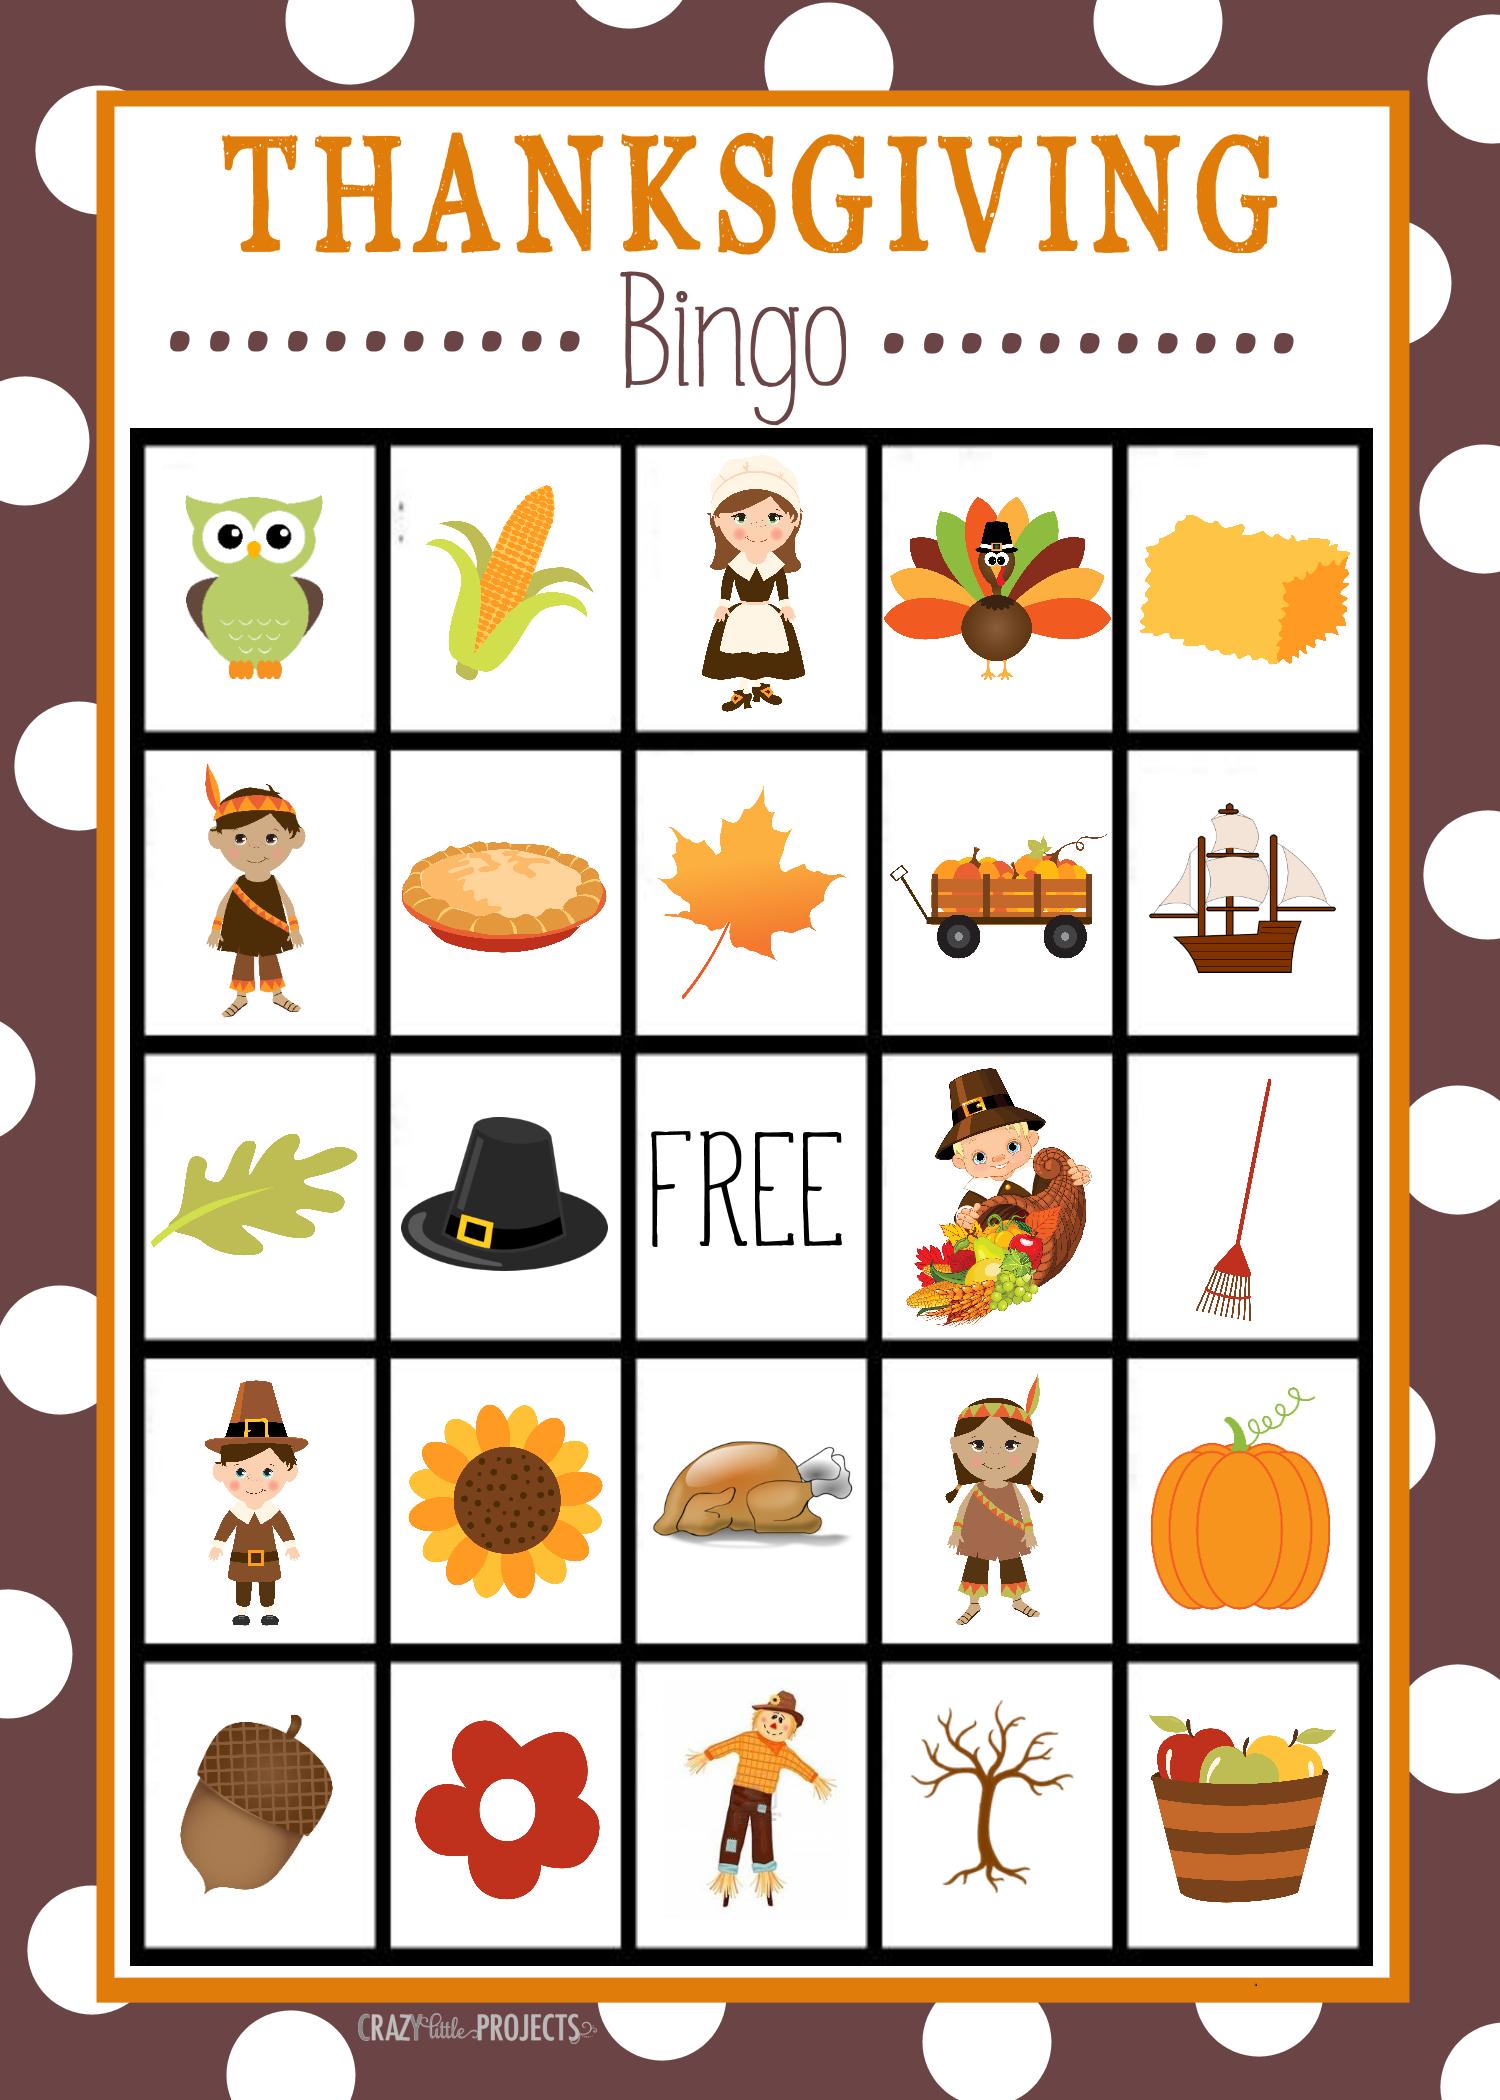 Free Printable Thanksgiving Bingo Game | Craft Time | Pinterest - Thanksgiving Games Printable Free